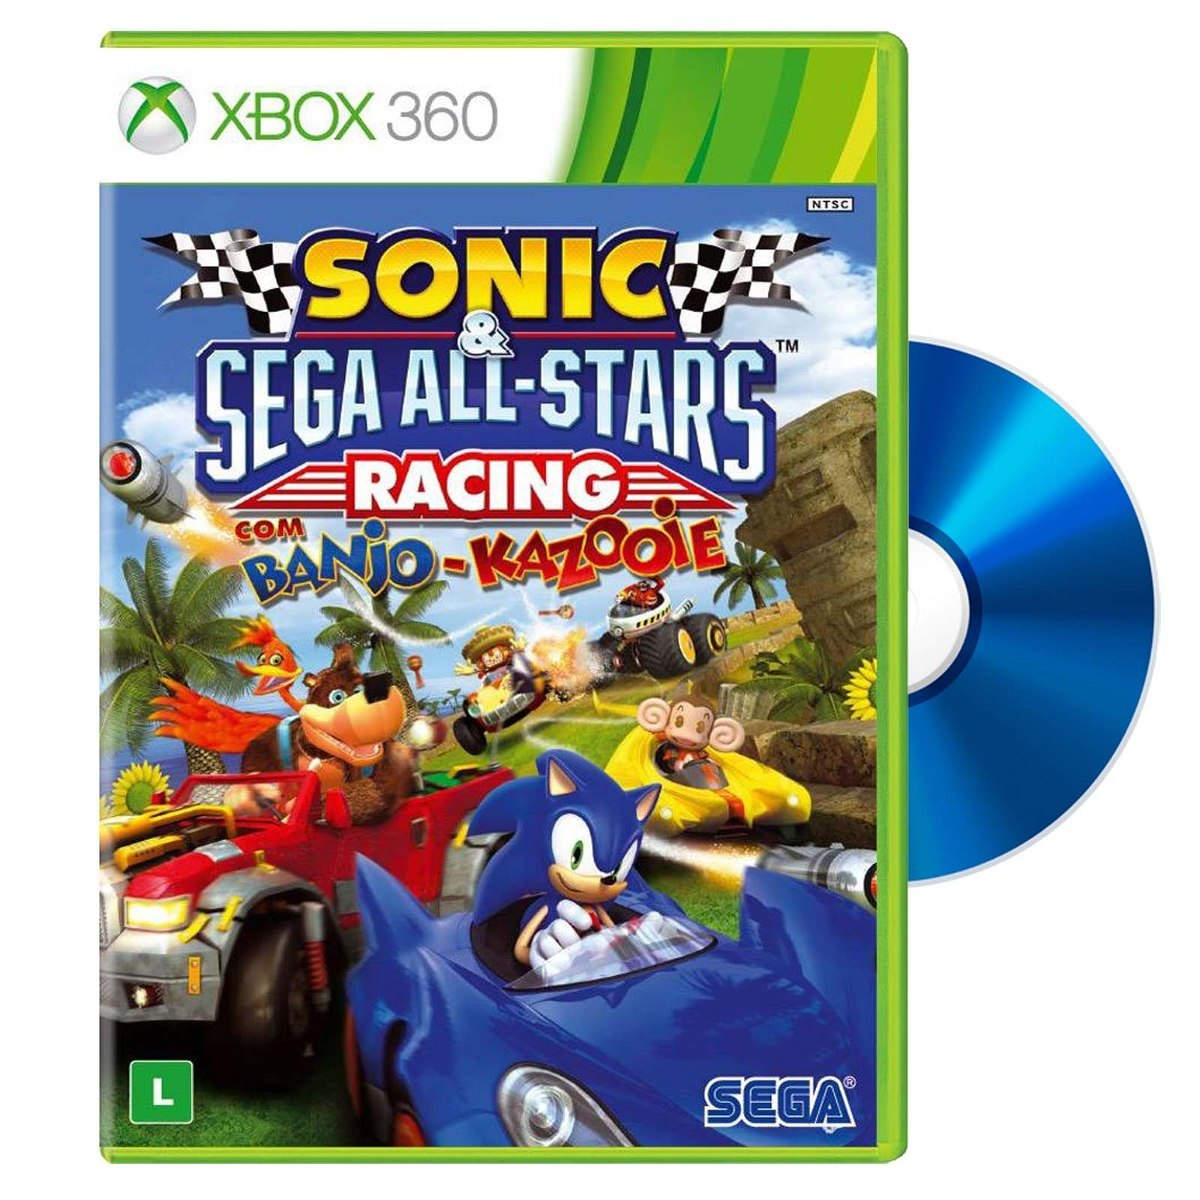 98332d75429d juego xbox 360 fisico sonic   sega all stars racing nuevo. Cargando zoom.